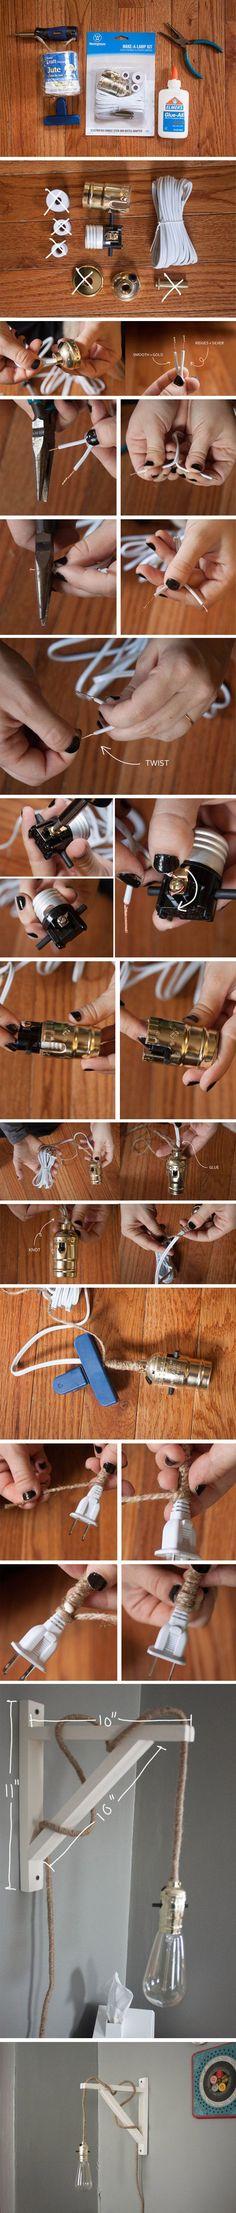 lampara-diy-rustica-muy-ingenioso-1